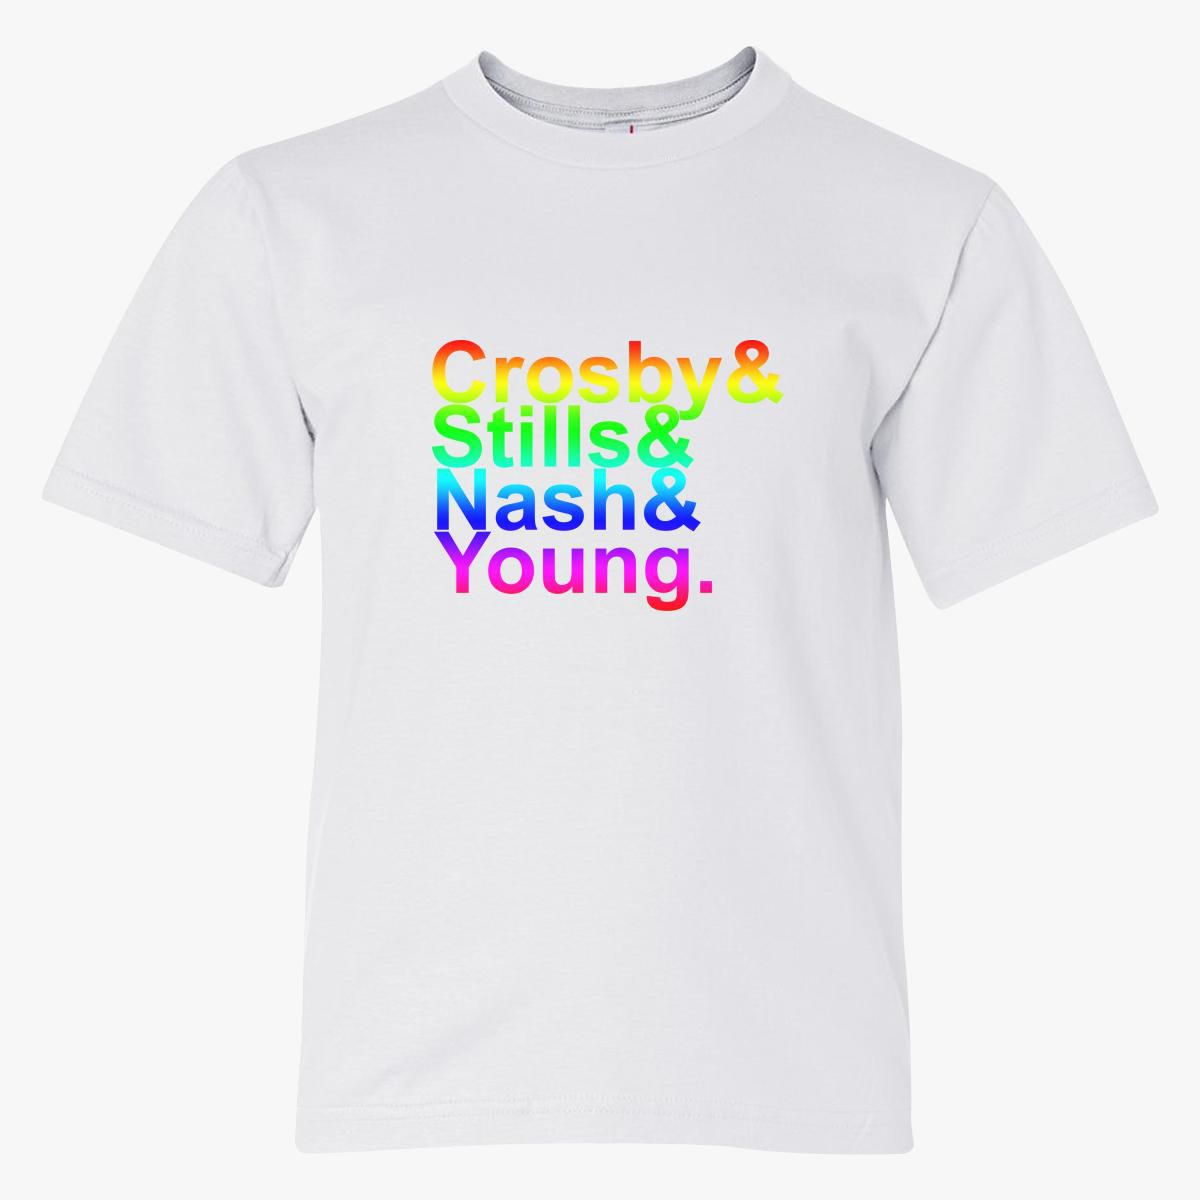 Crosby Stills and Nash Names Youth T-shirt - Customon